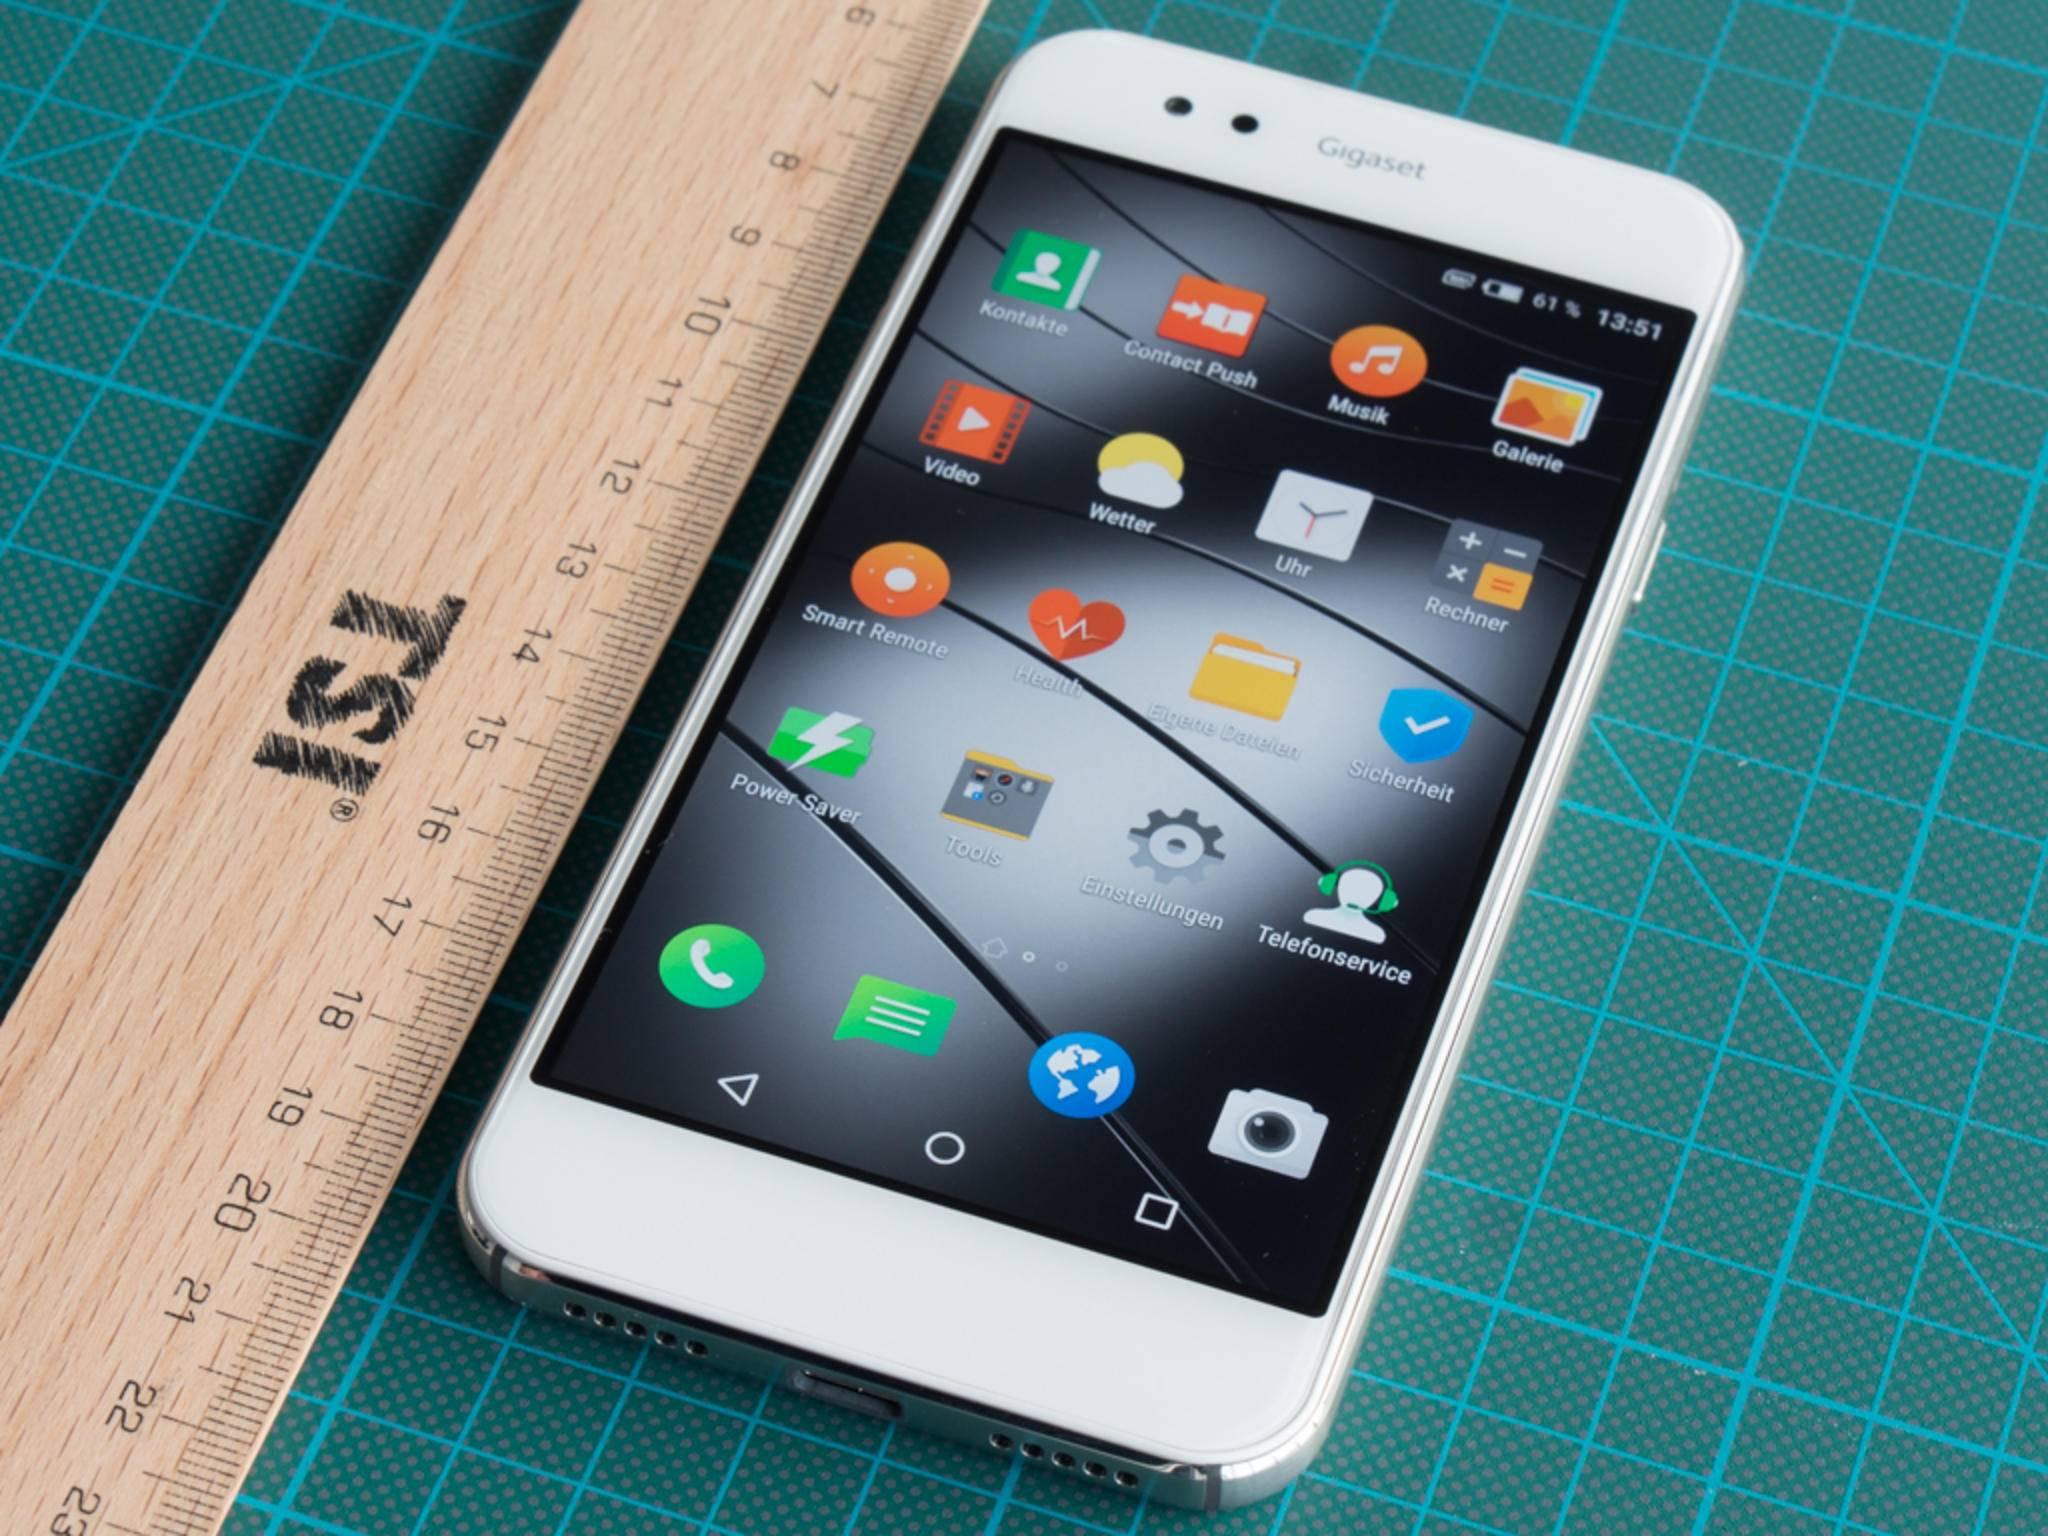 Neue Android-Smartphones wollen eingerichtet werden.